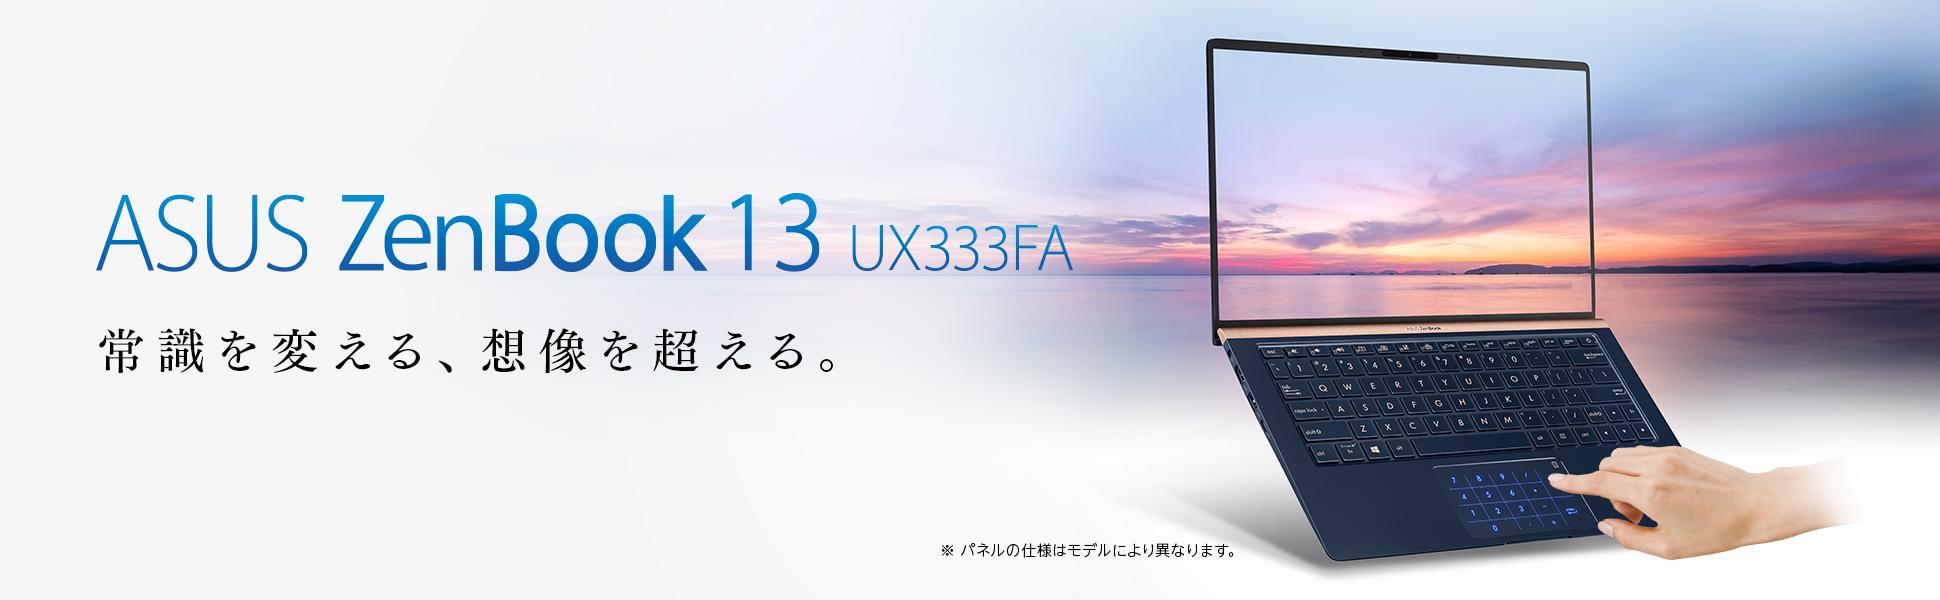 UX333FA